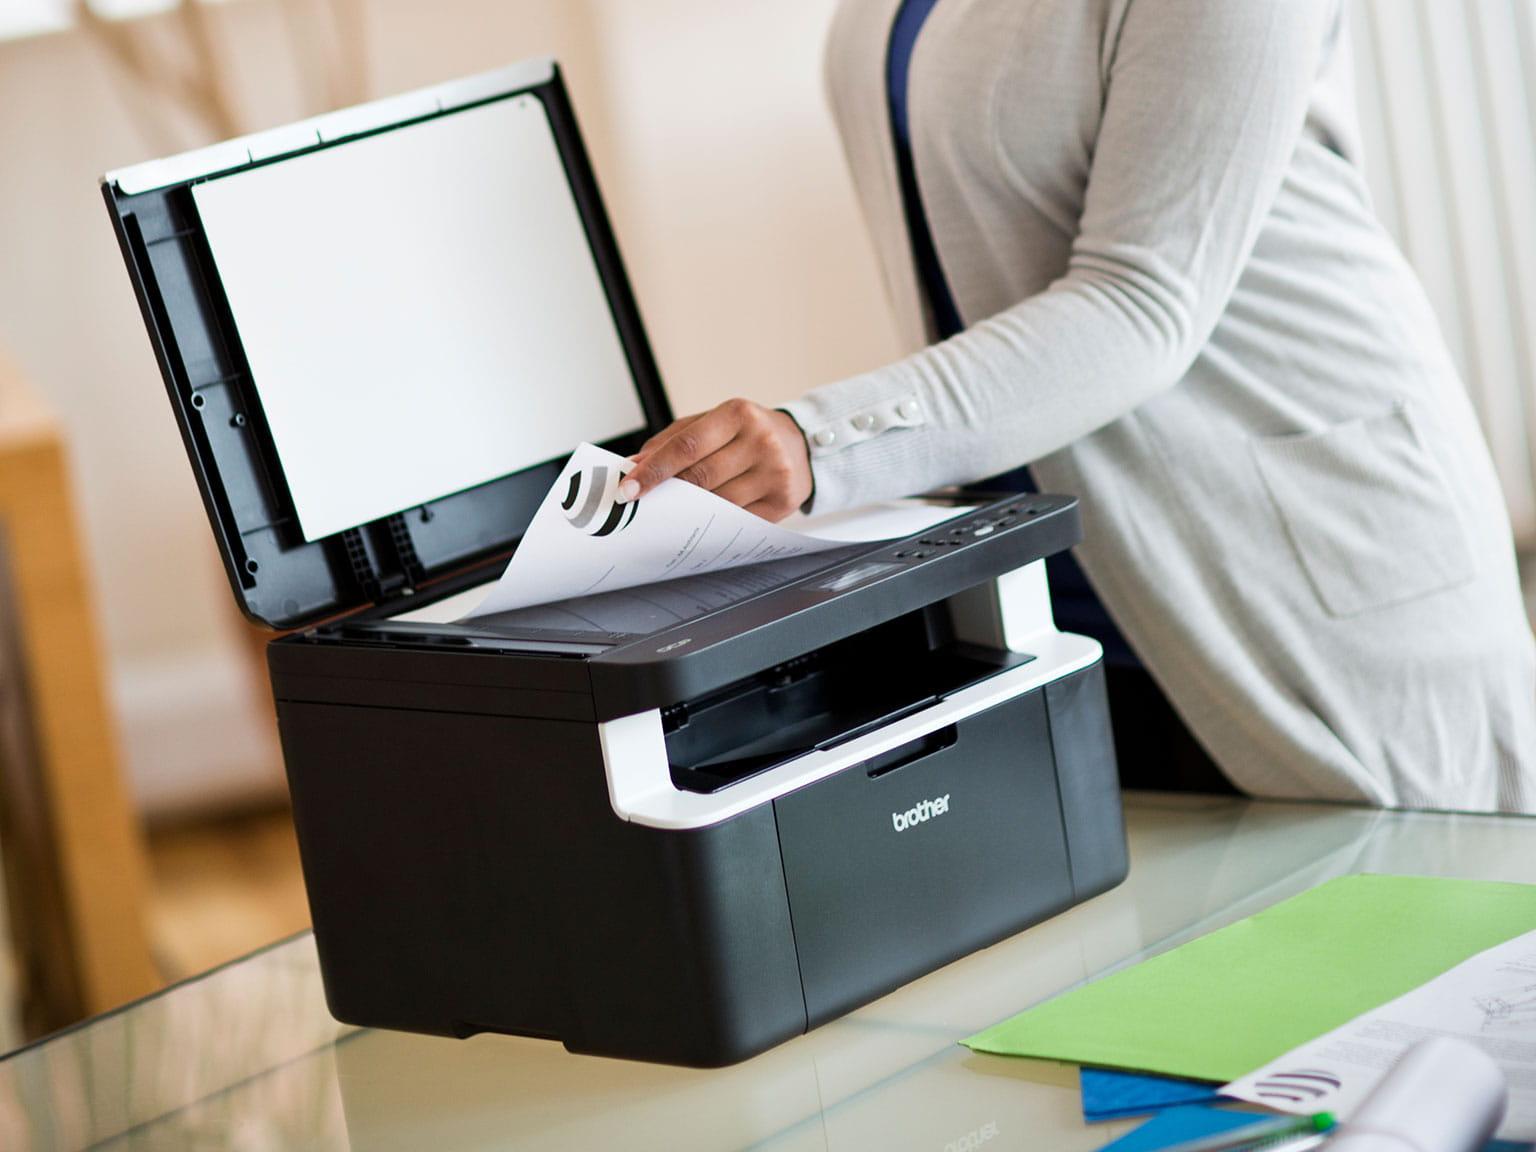 løsninger til små virksomheder scanne